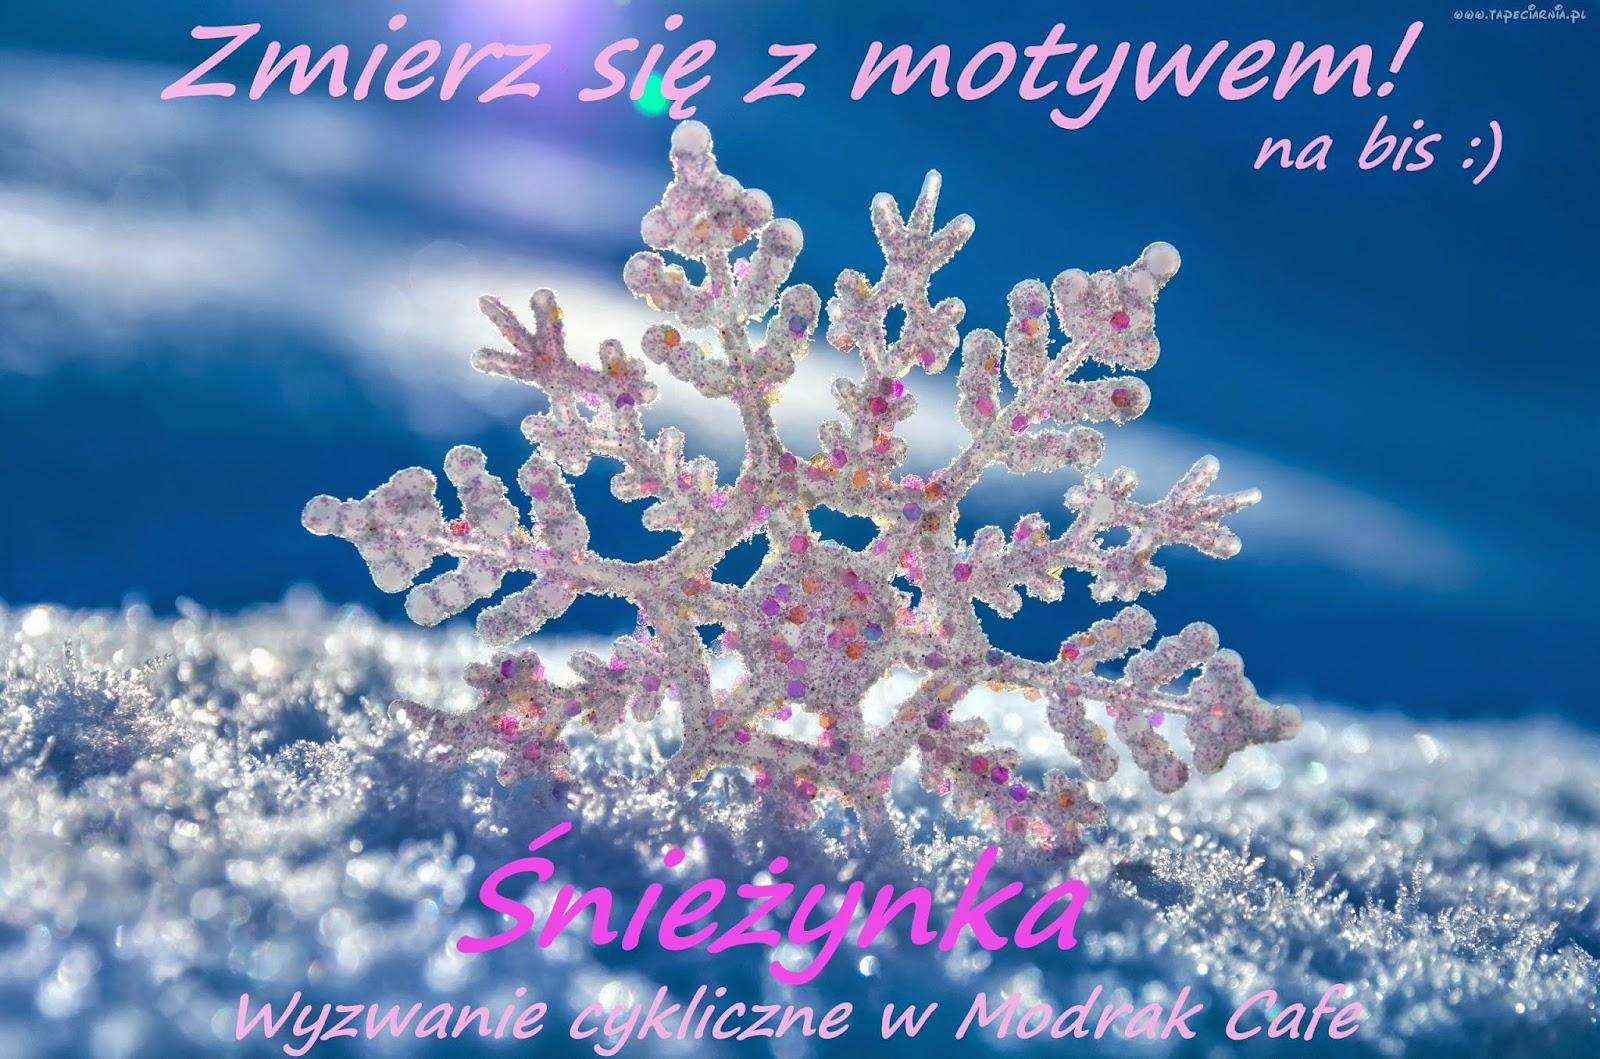 Zmierz się z motywem - śnieżynka :)